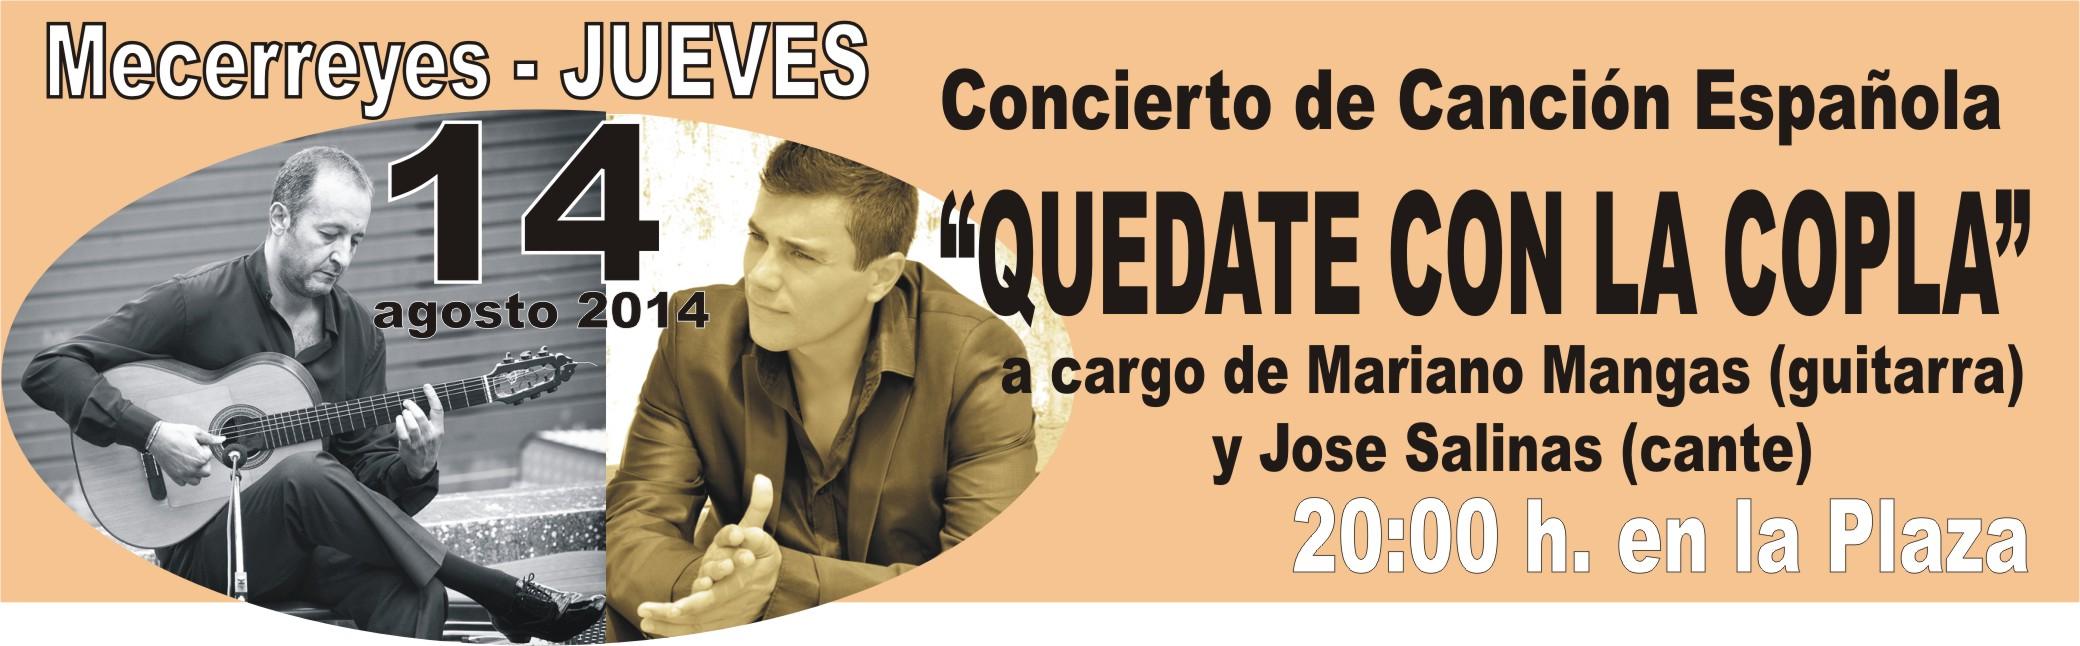 Mecerreyes, Verano Cultural 2014-Mariano Mangas y Jose Salinas